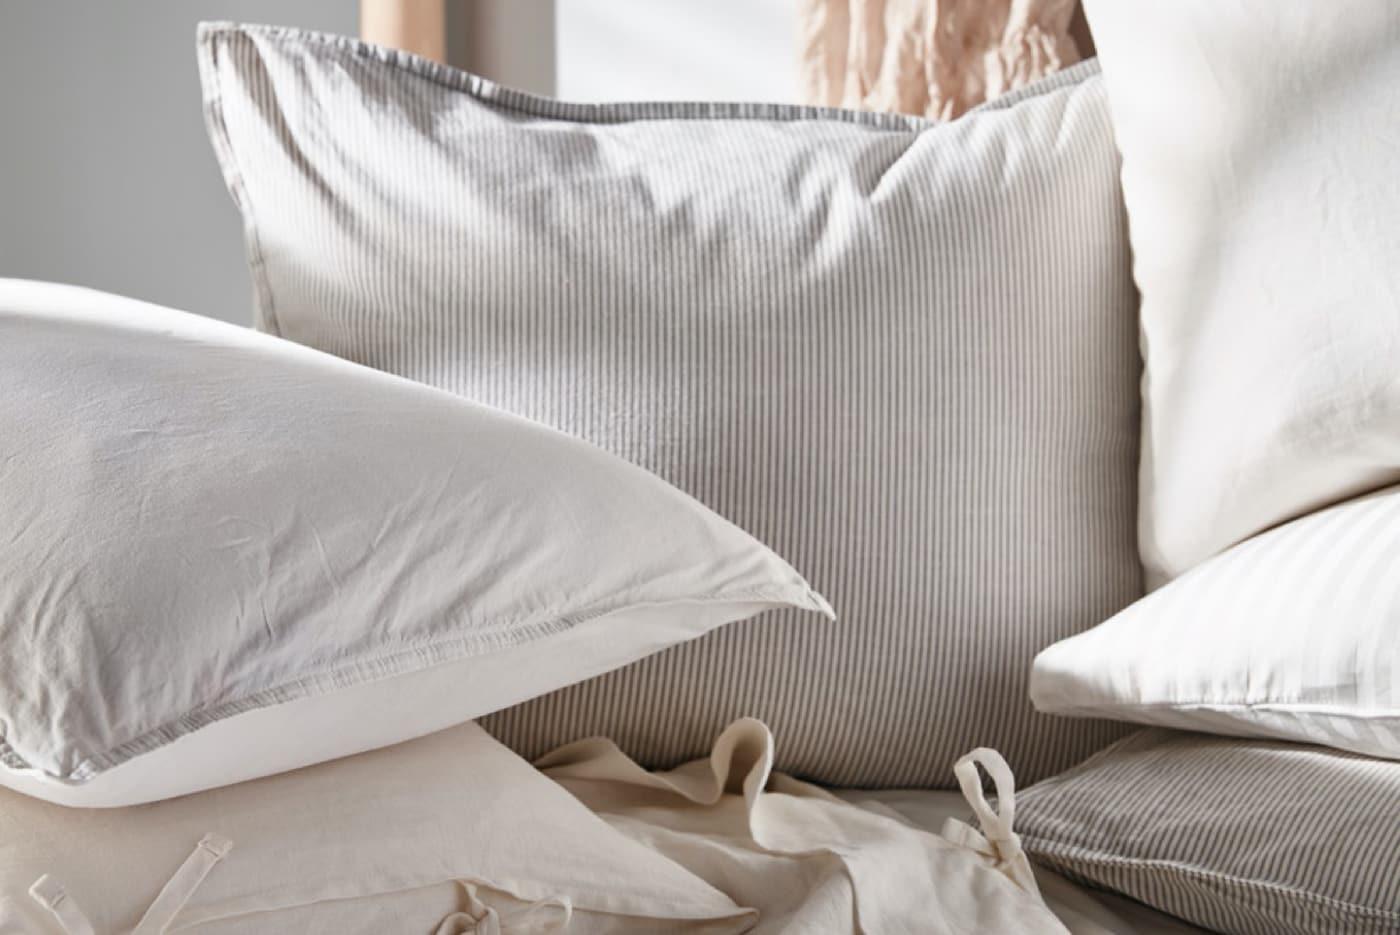 Kühlende Kopfkissen & andere Tipps gegen Hitze IKEA